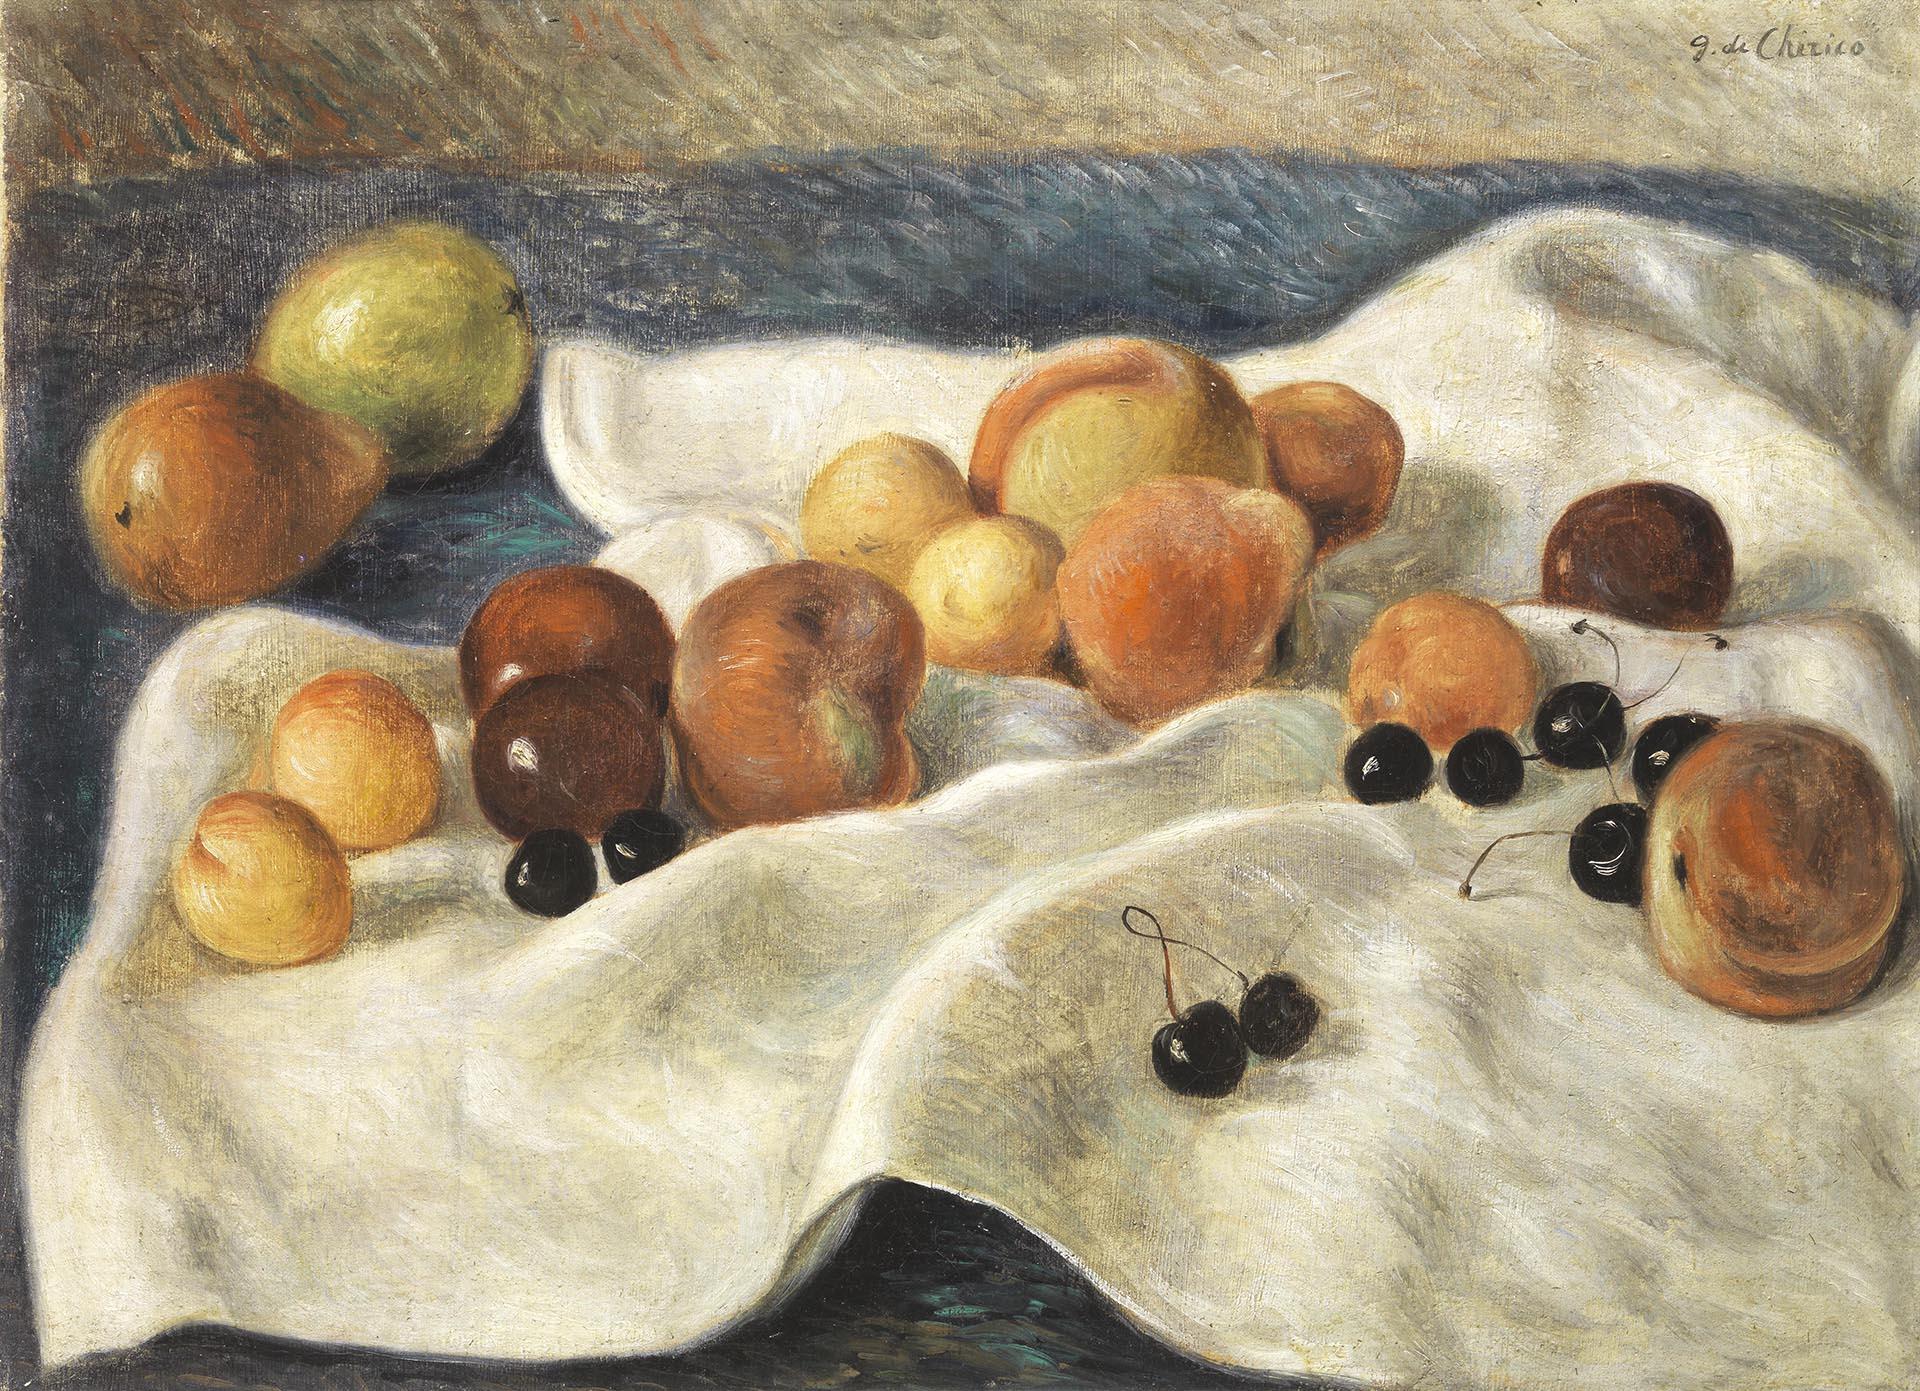 de Chirico, Natura morta, 1930, 53.5x74 cm